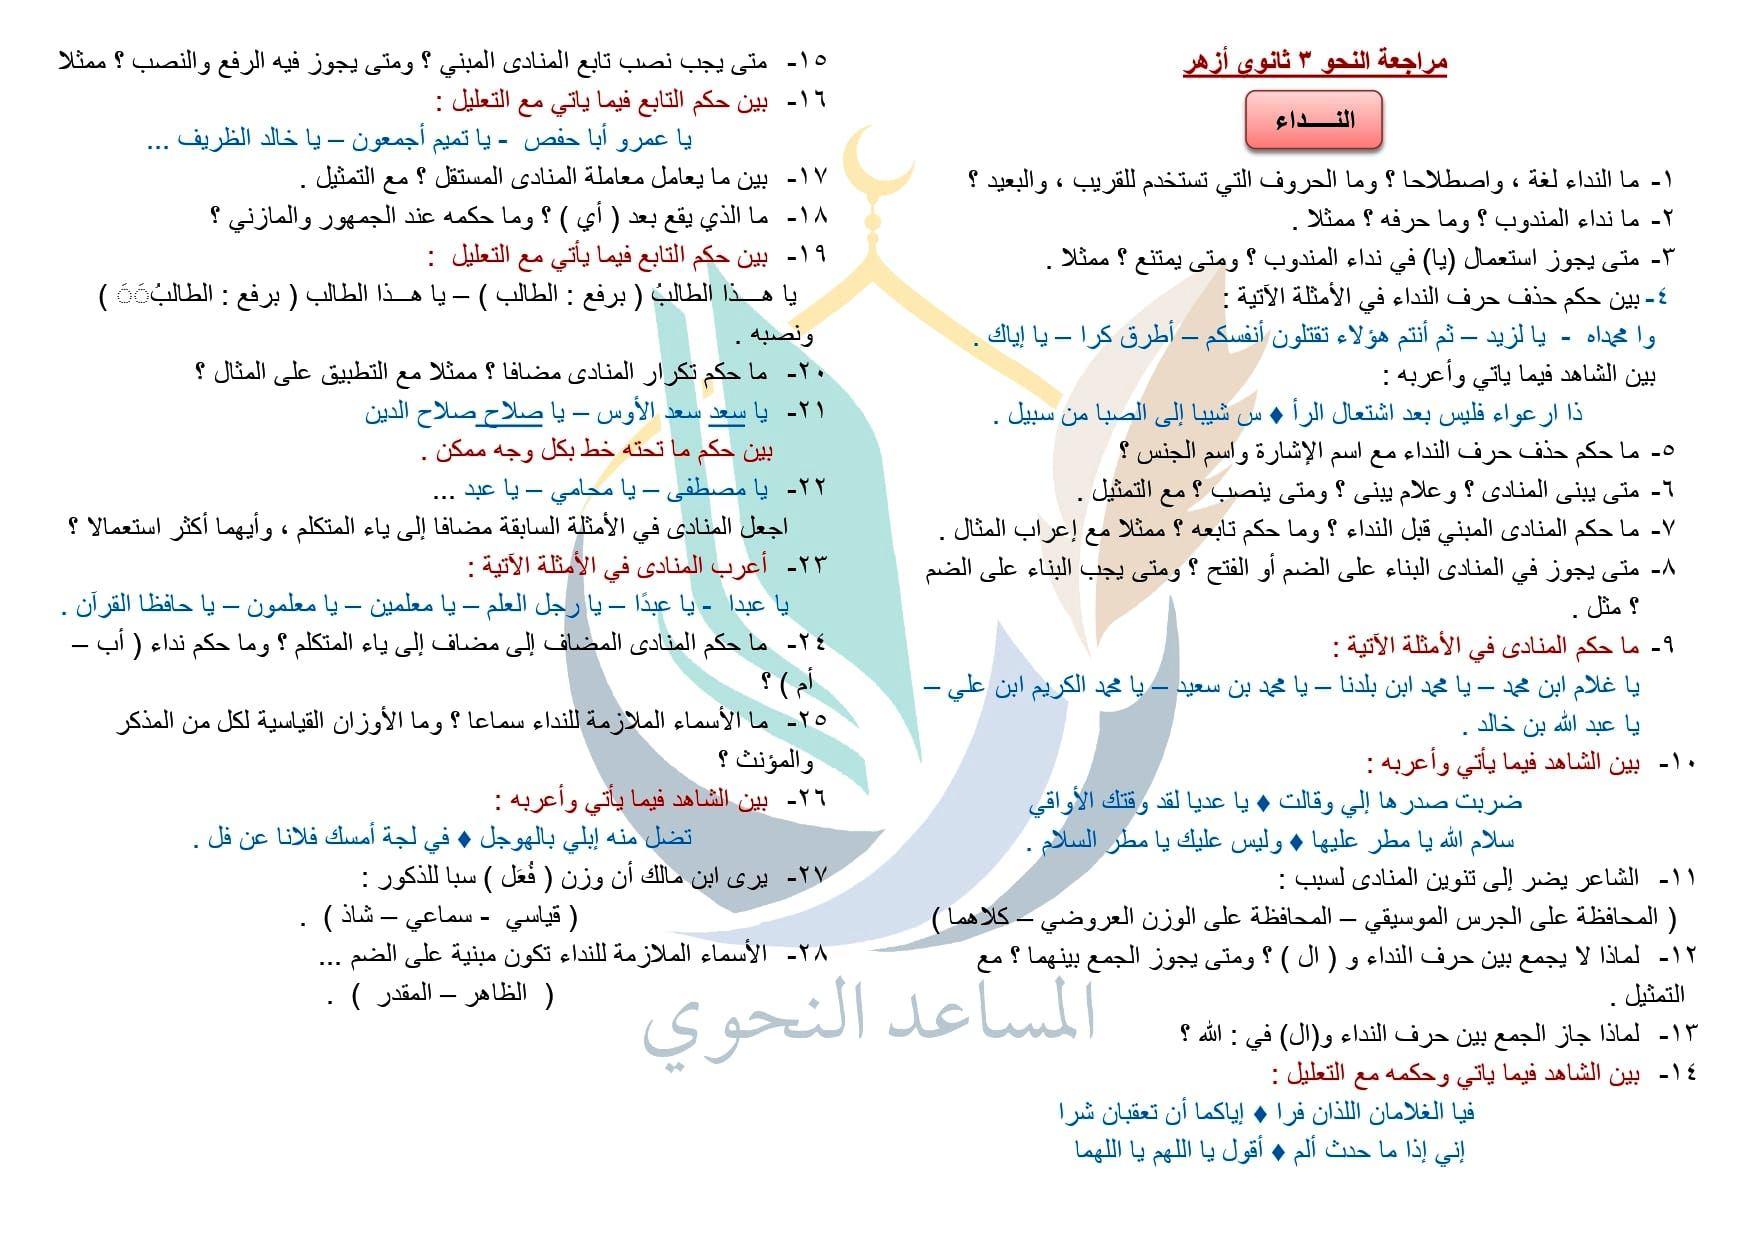 مراجعة منهج النحو للصف الثالث الثانوي العلمي (الأزهري) 1